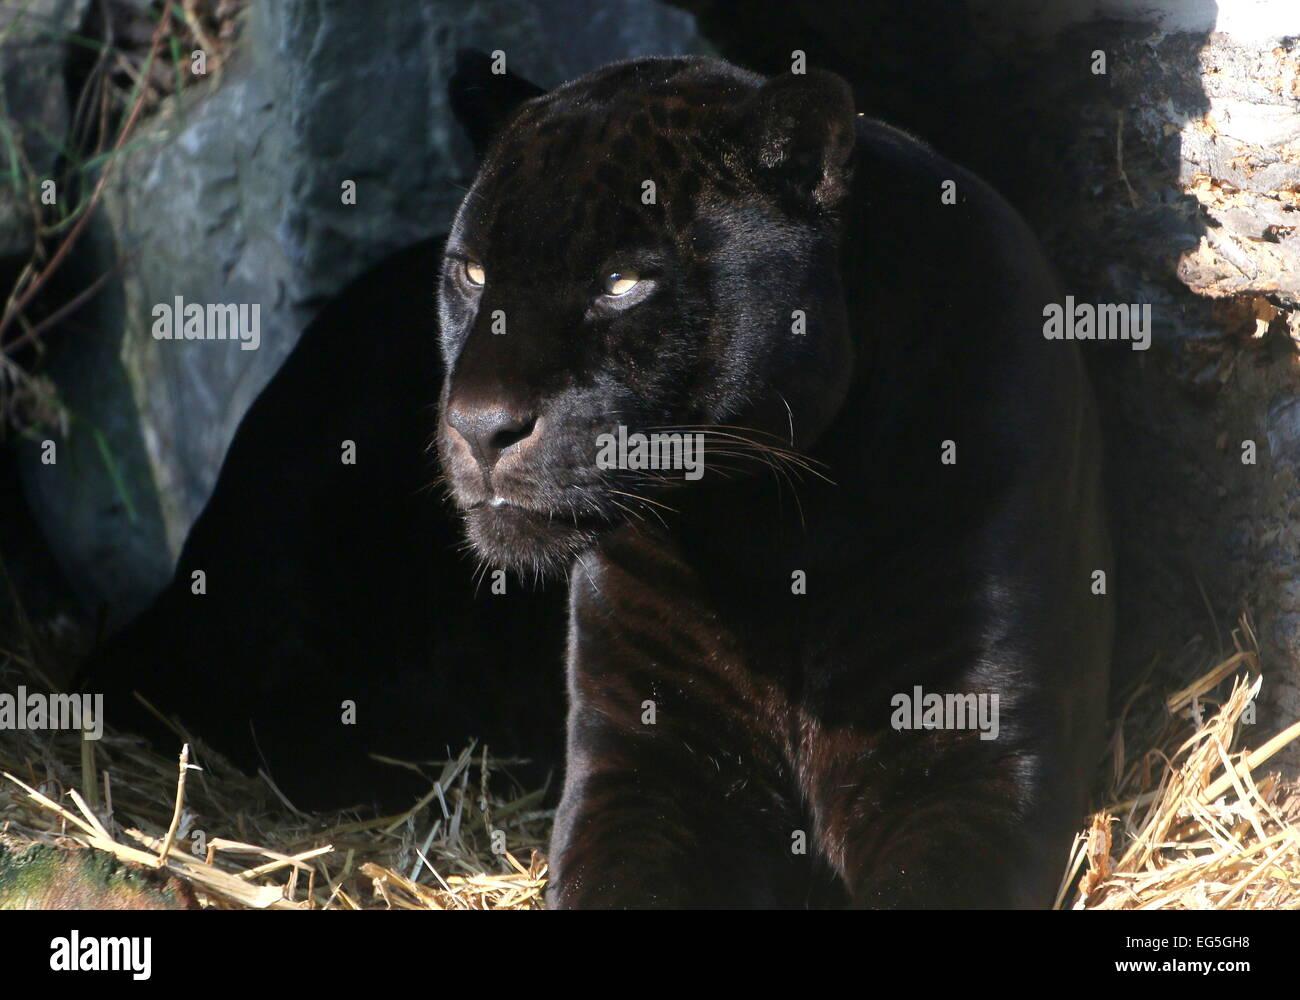 Melanistic Jaguar noir d'Amérique du Sud (Panthera onca), gros plan de la tête et le haut du corps Banque D'Images